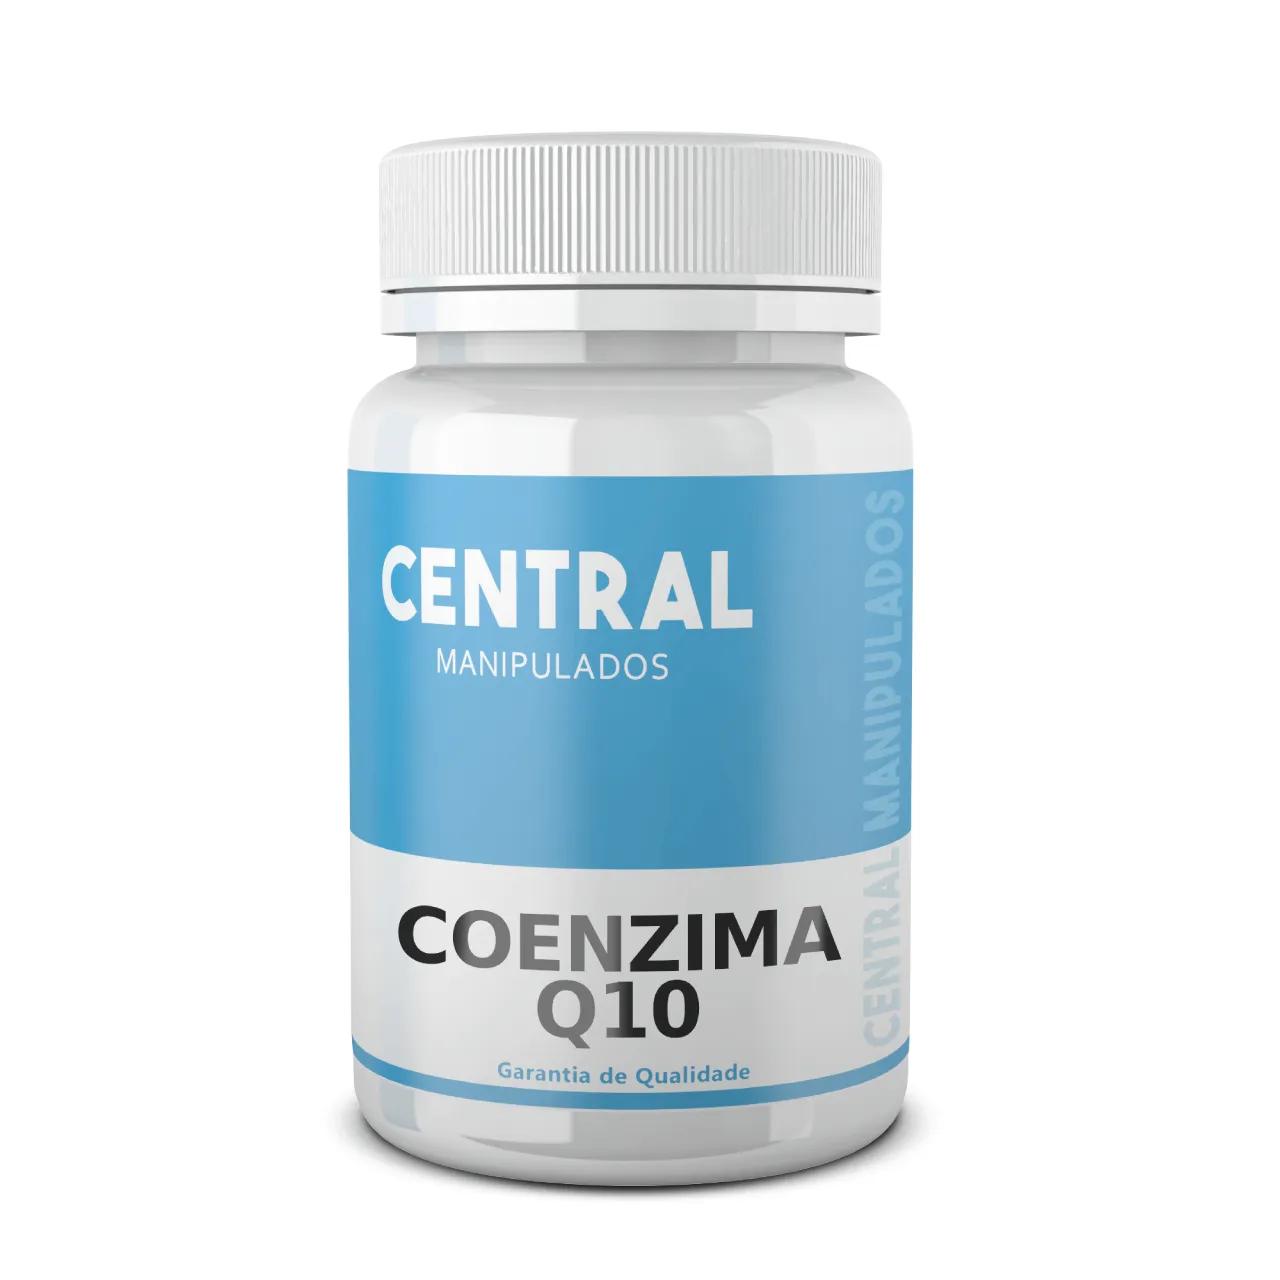 Coenzima Q10 - Ubiquinona - 150mg - 30 cápsulas - Antioxidante